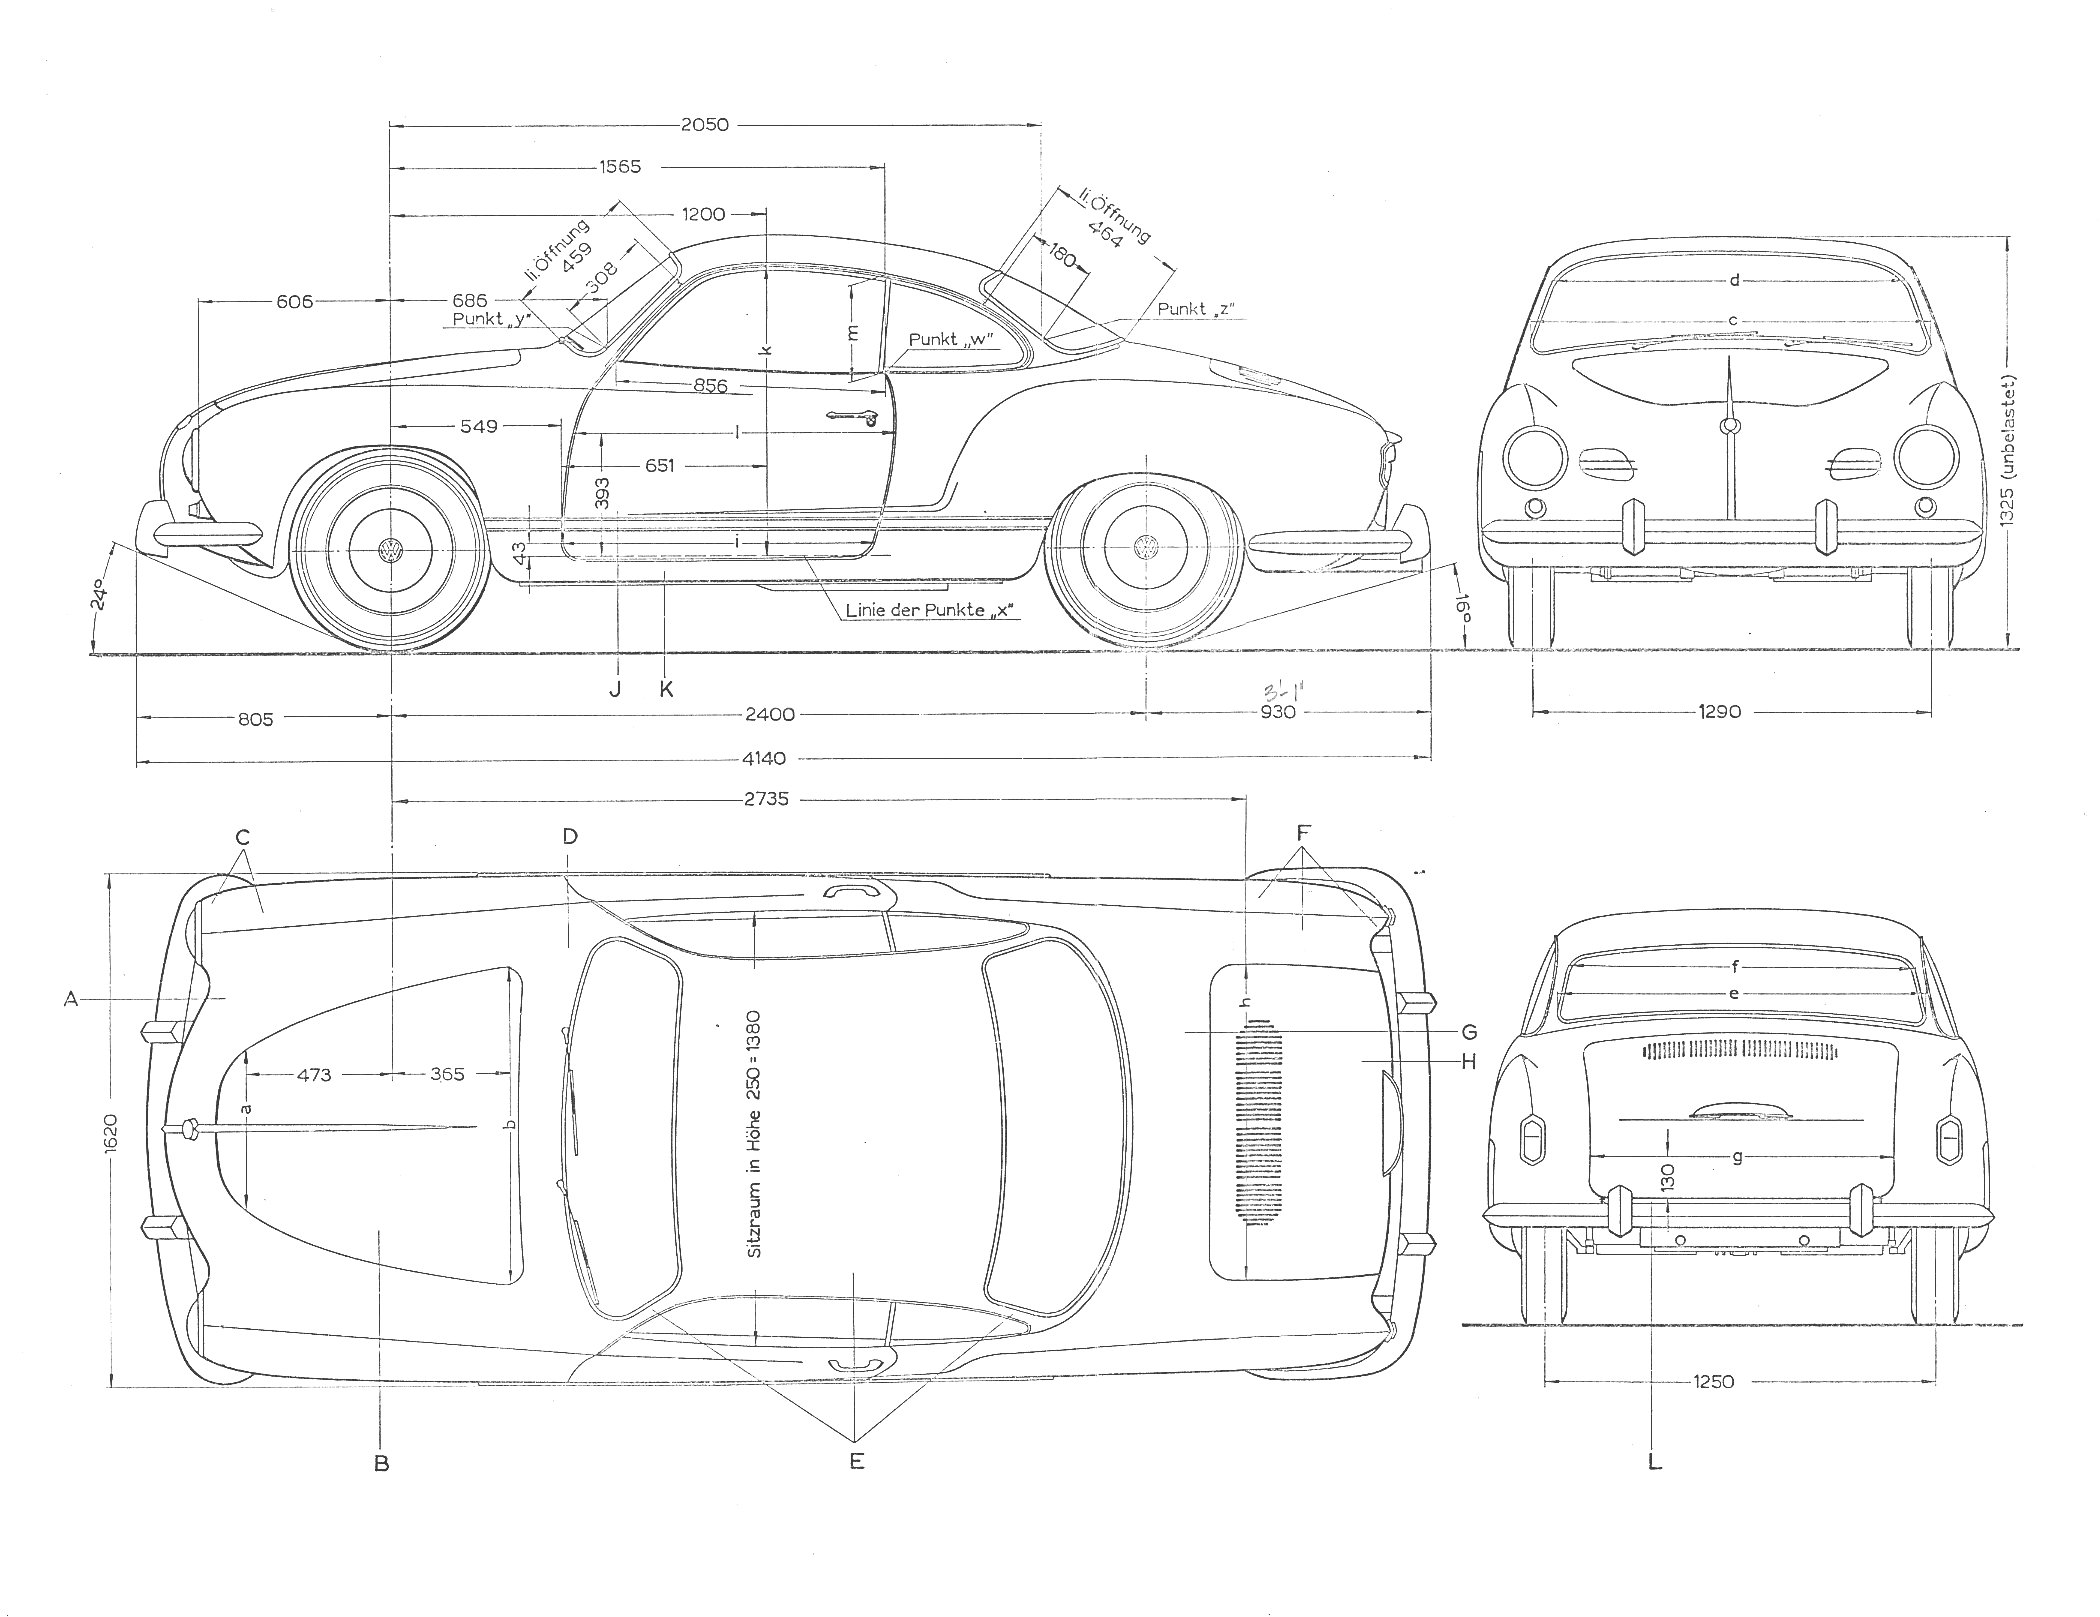 Volkswagen Karmann Ghia blueprint